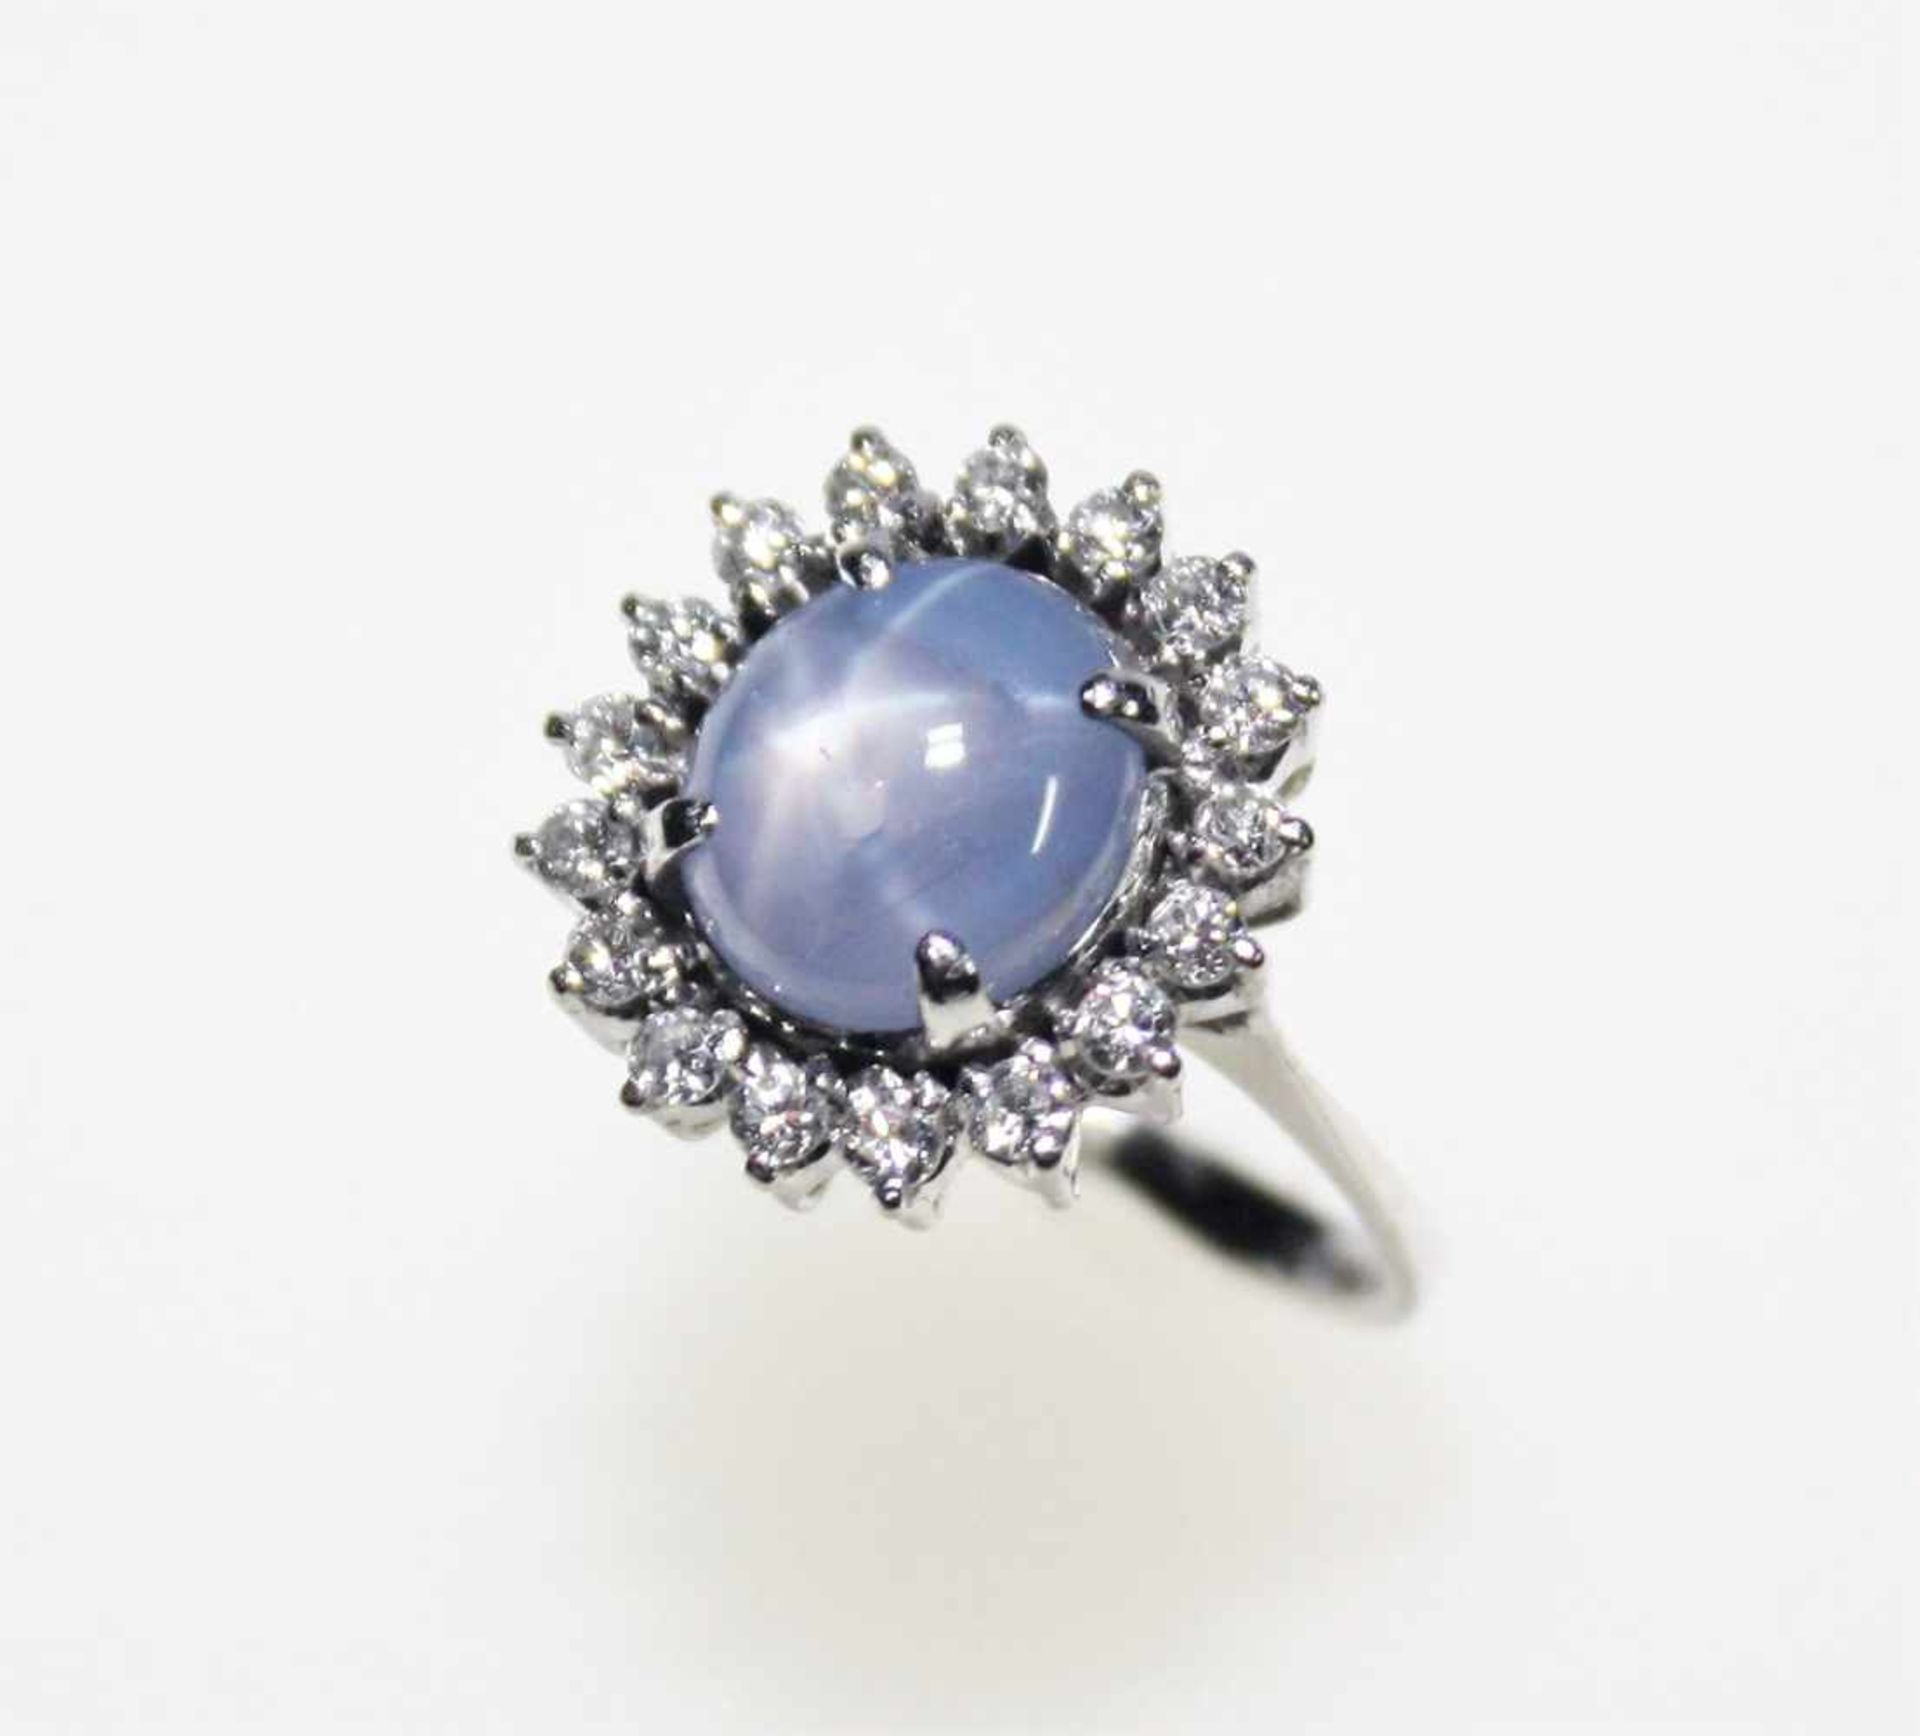 Weißgoldring 585/f gest. mit einem blass-blauen Sternsaphir umgeben von Kleindiamanten in